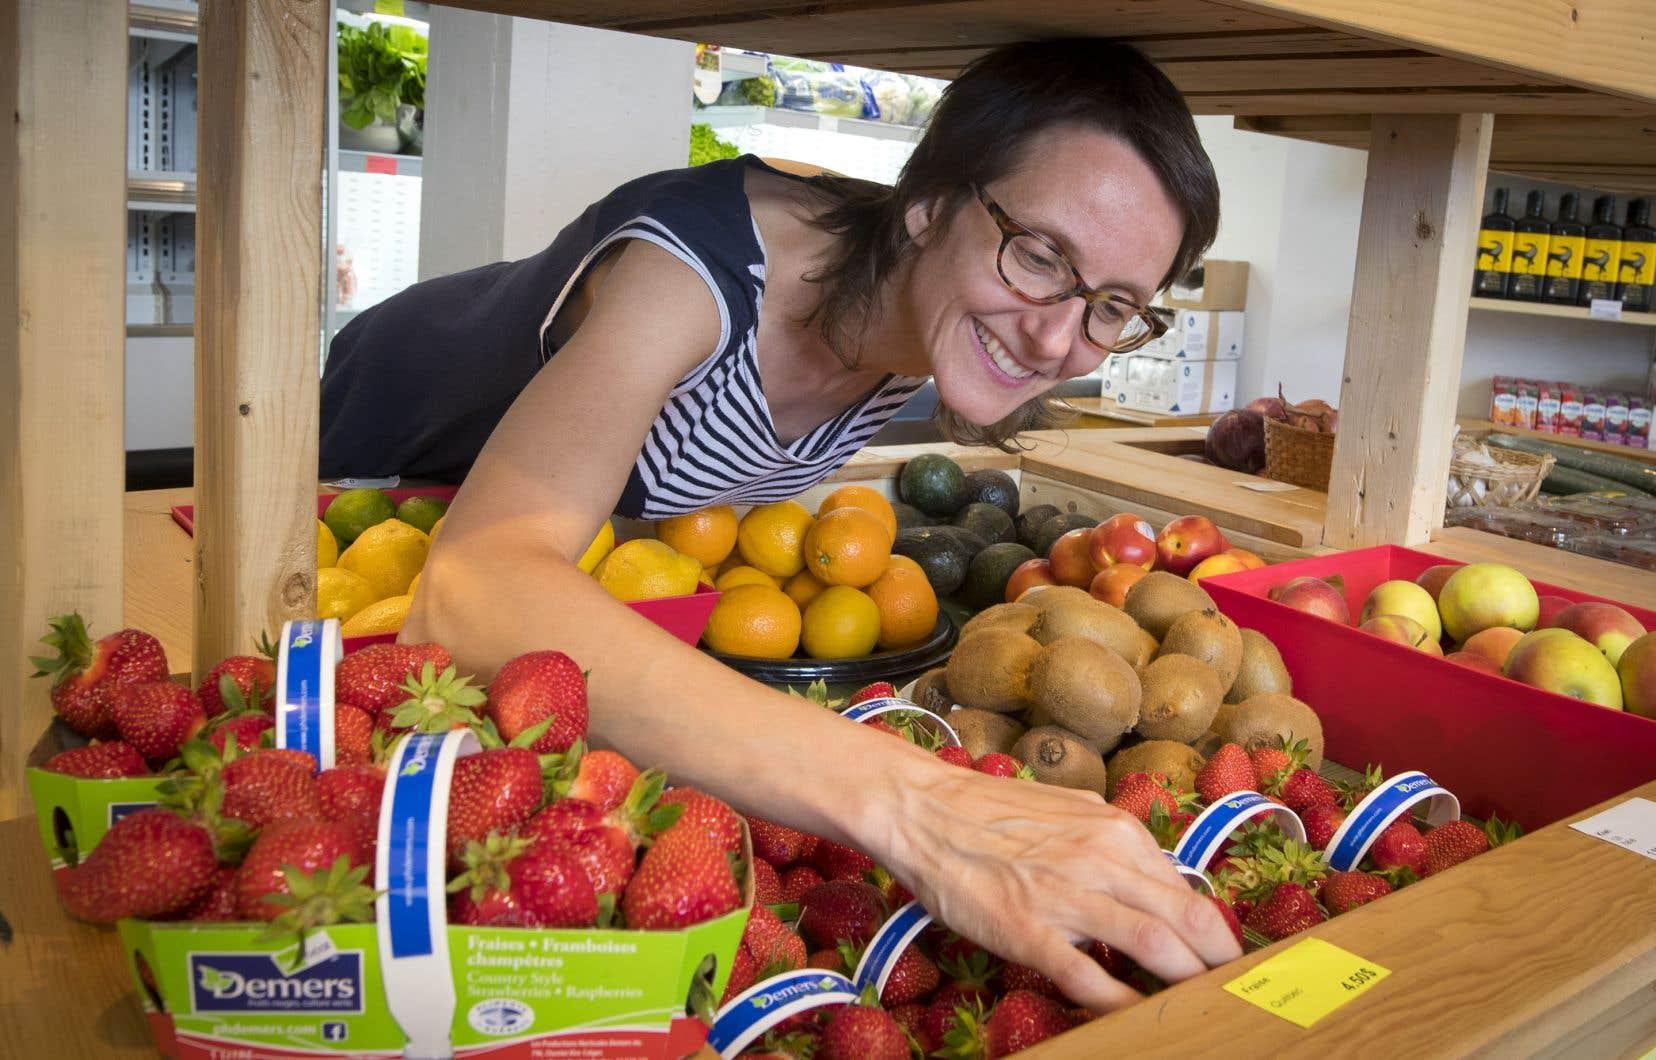 Marie-Claude Rose, une des instigatrices et membres de la nouvelle coop alimentaire Le Détour, un petit marché communautaire ouvert en mai dernier aux confins de Pointe-Saint-Charles, après 10ans d'intense gestation.